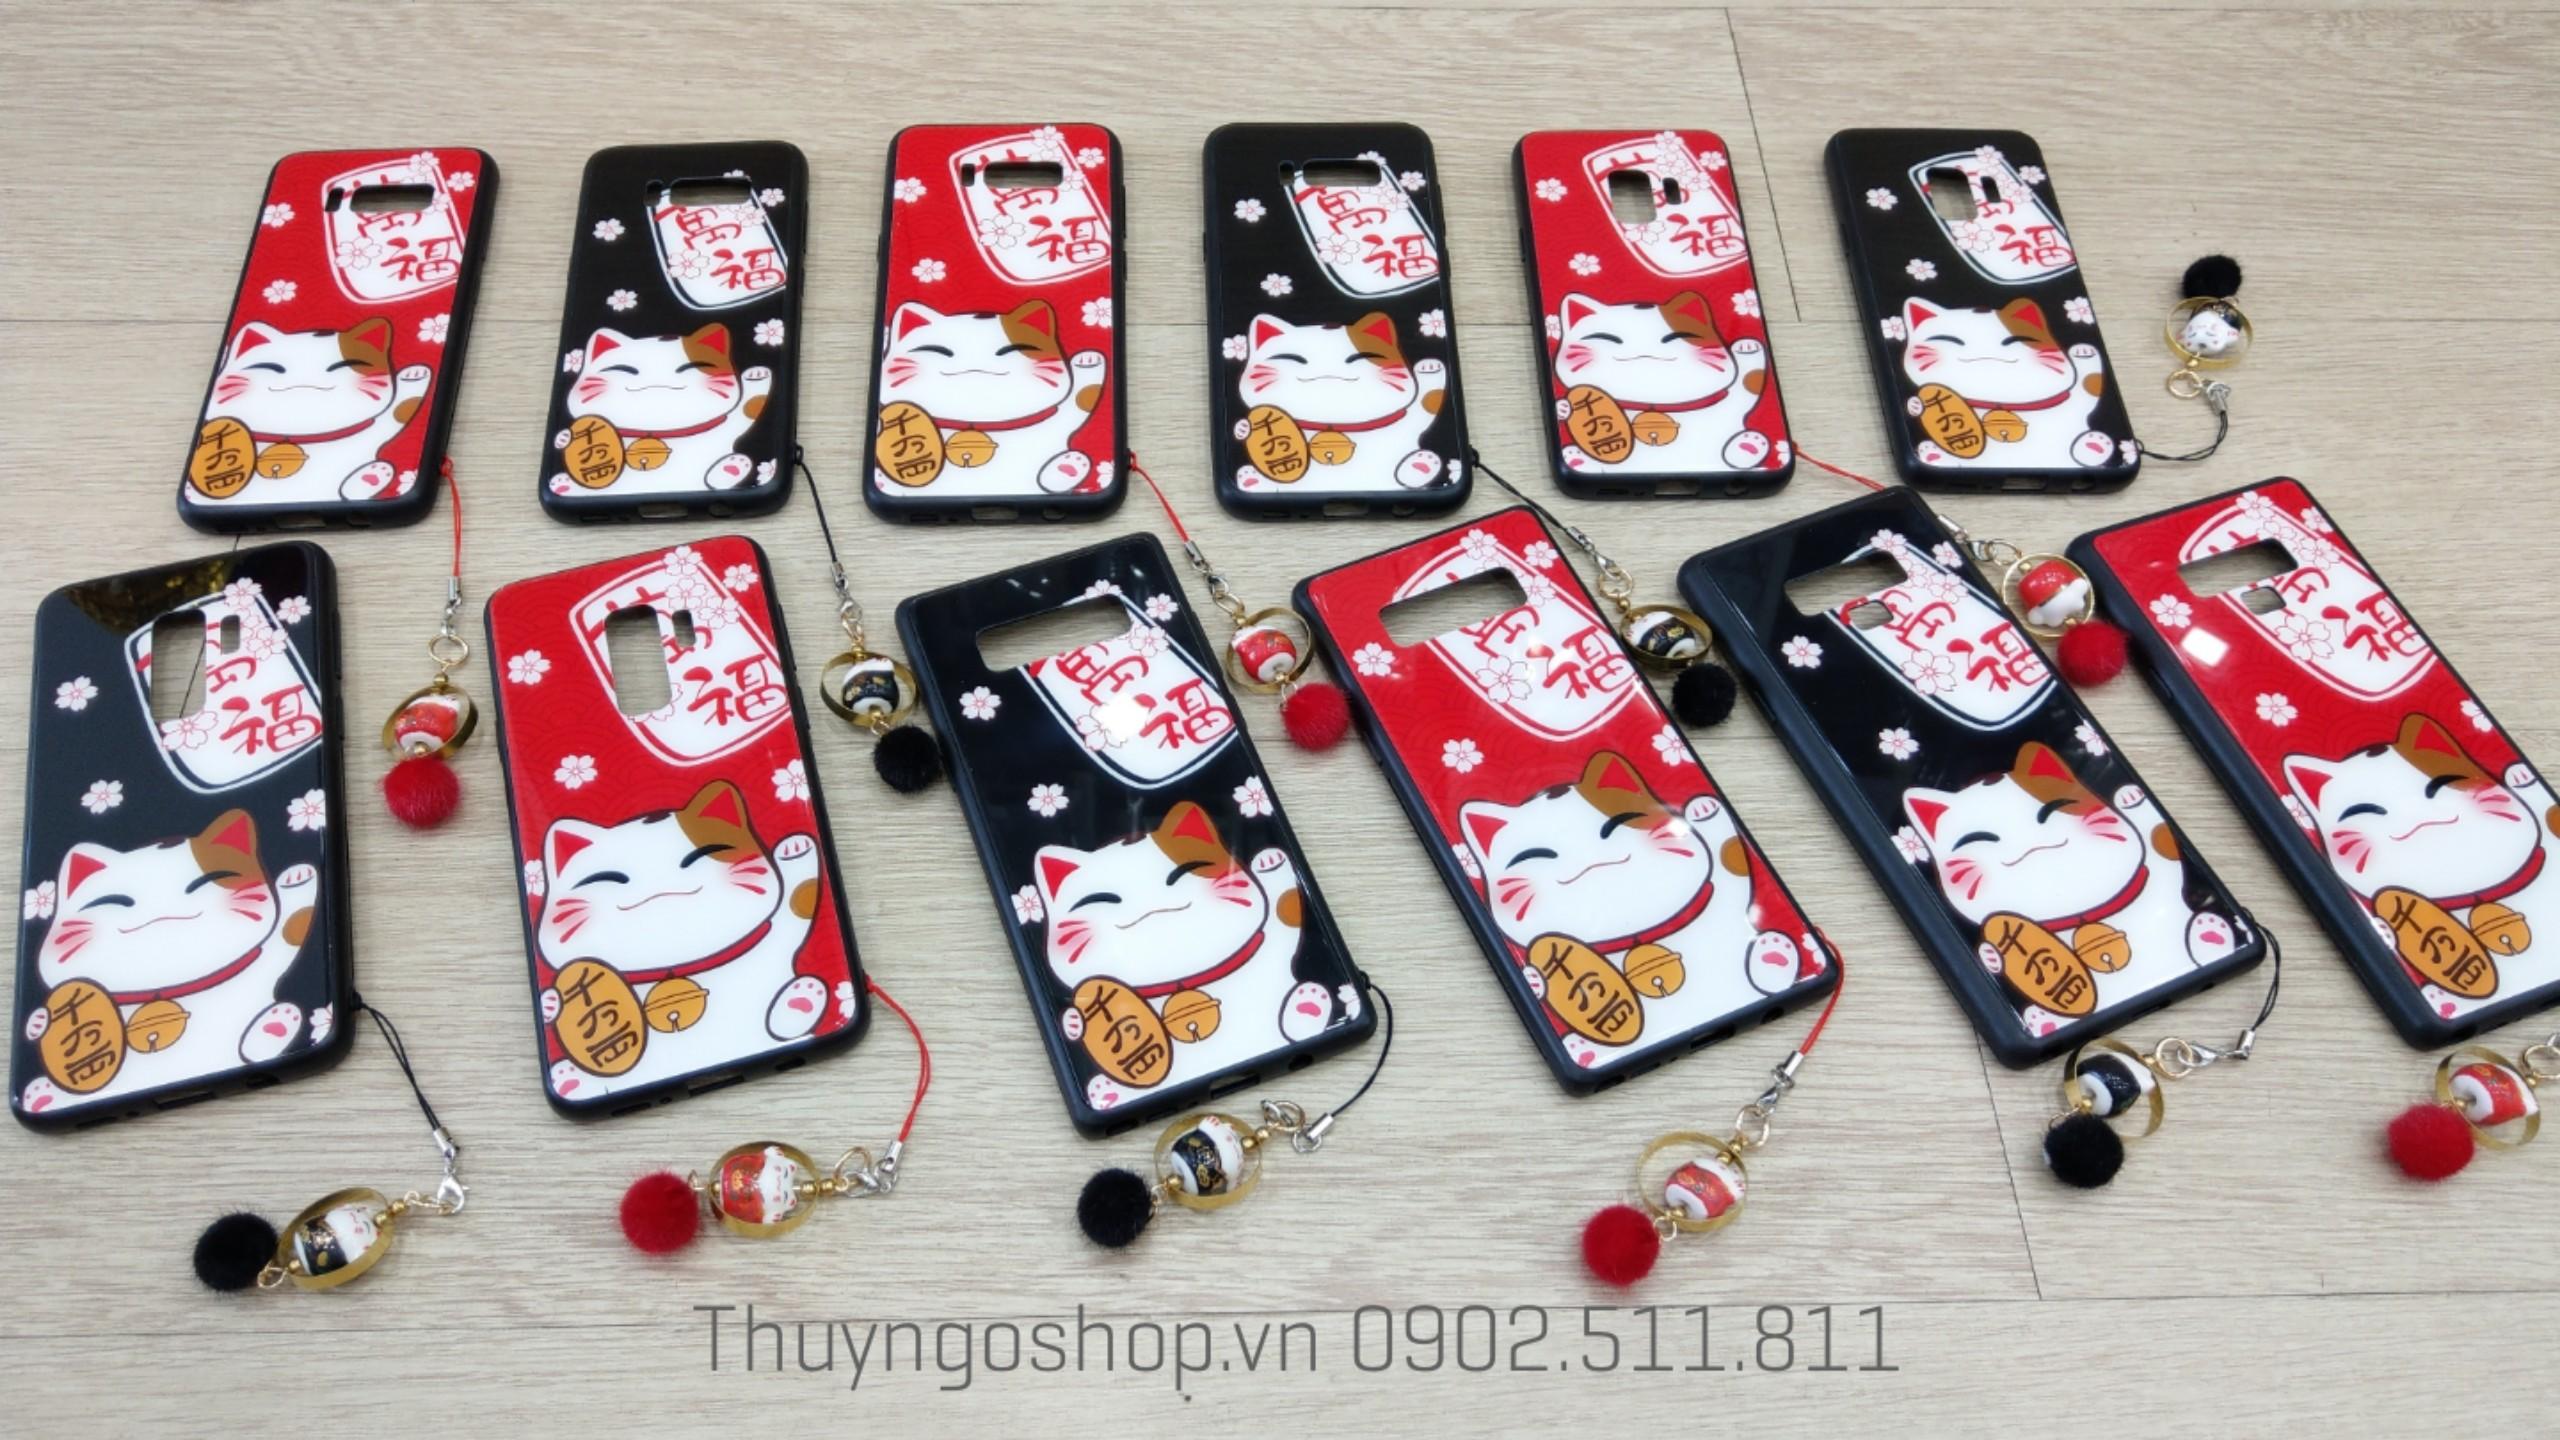 Ốp lưng mèo thần tài tài may mắn Samsung S8 , S8plus , S9 , S9plus , Note8 , Note9